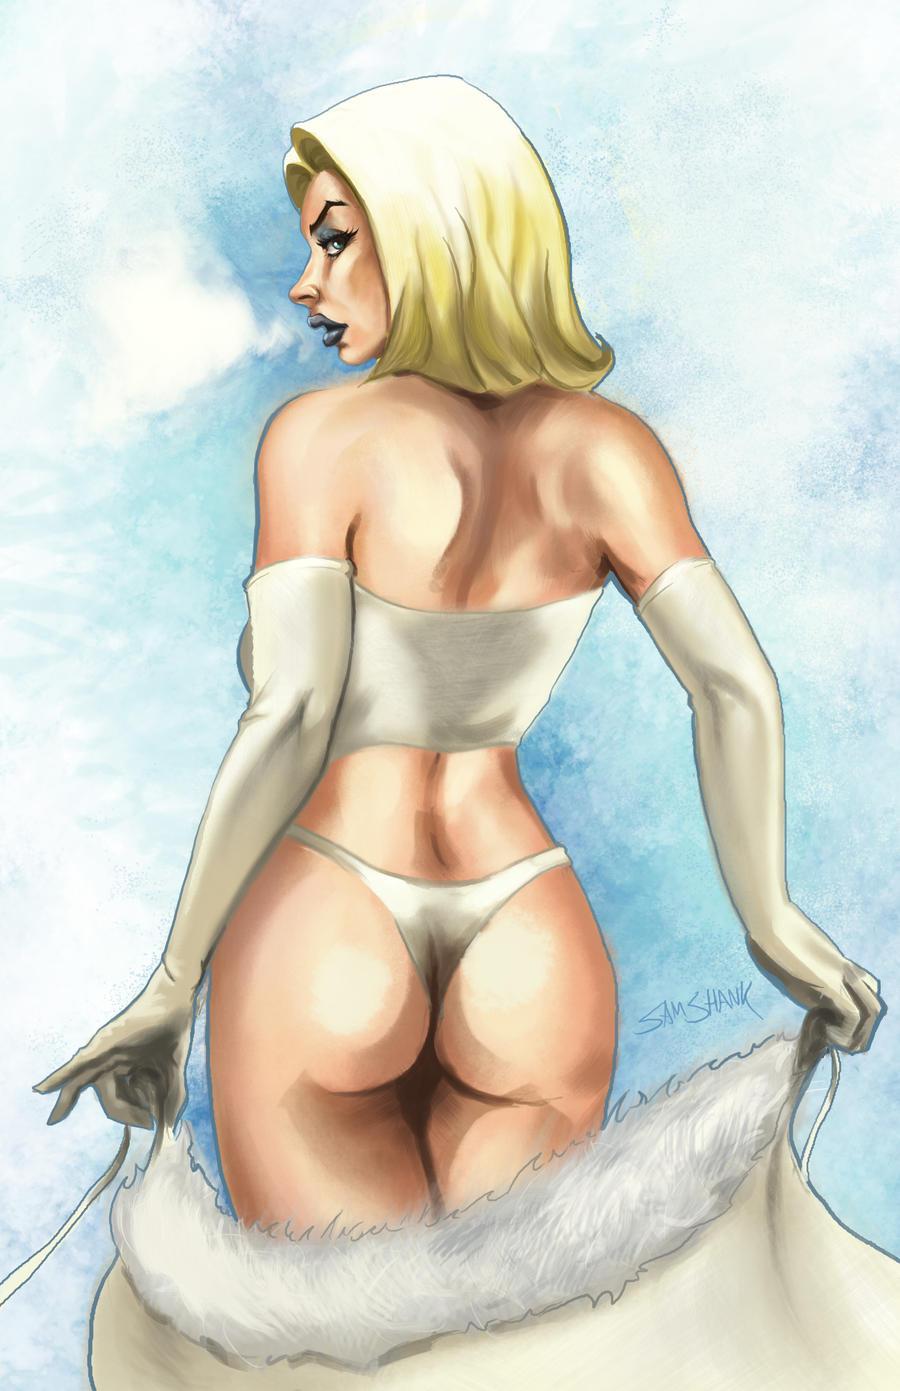 Emma Frost by samshank0453